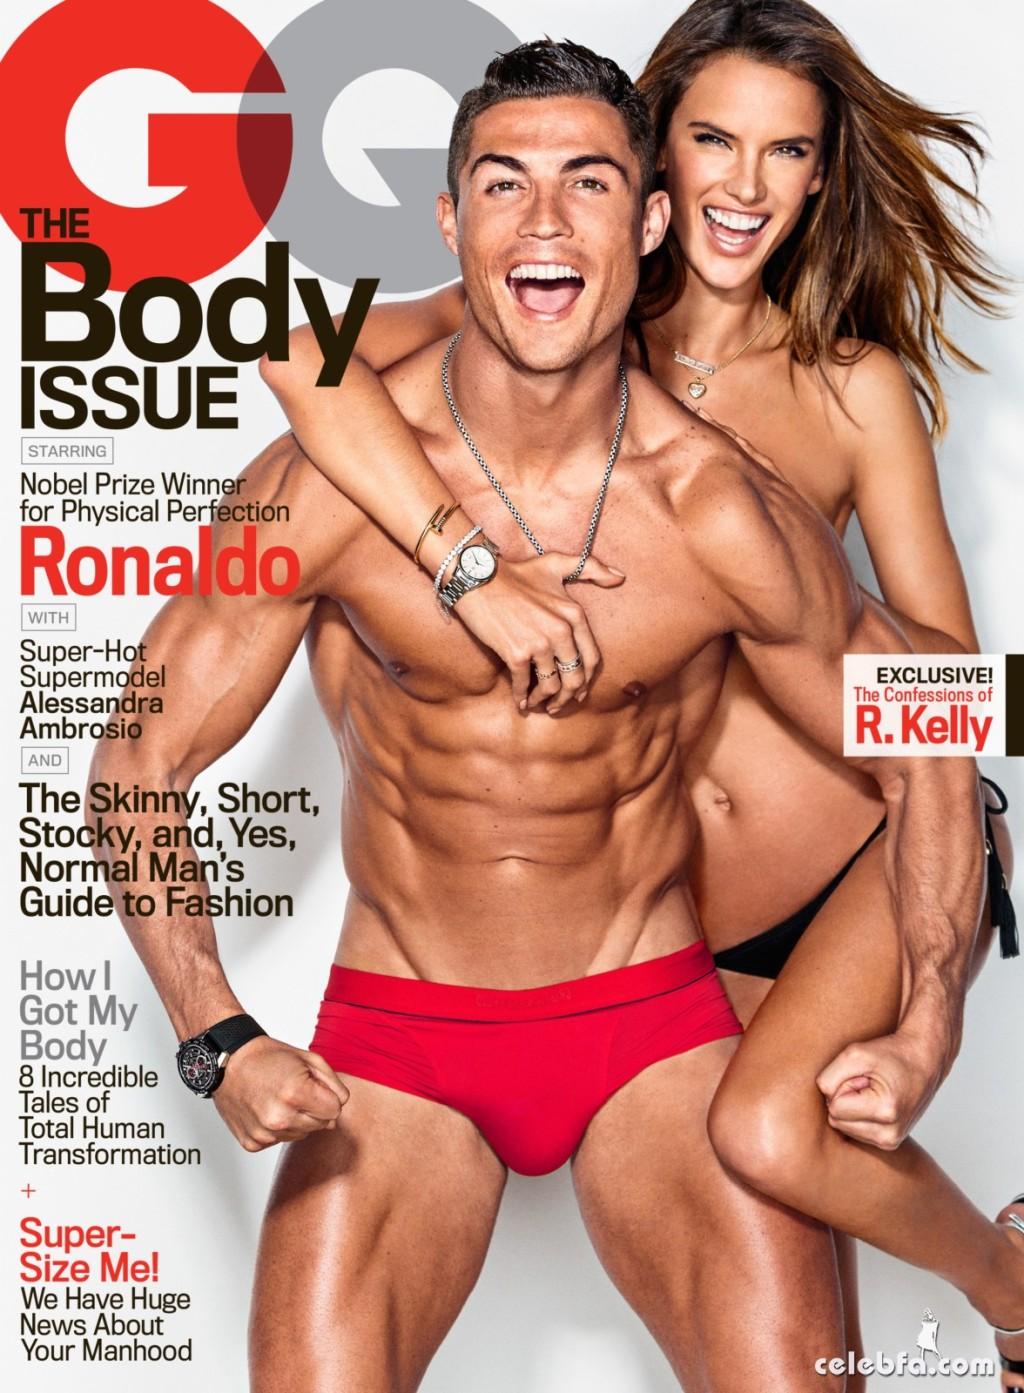 Cristiano Ronaldo & Alessandra Ambrosio - GQ (1)